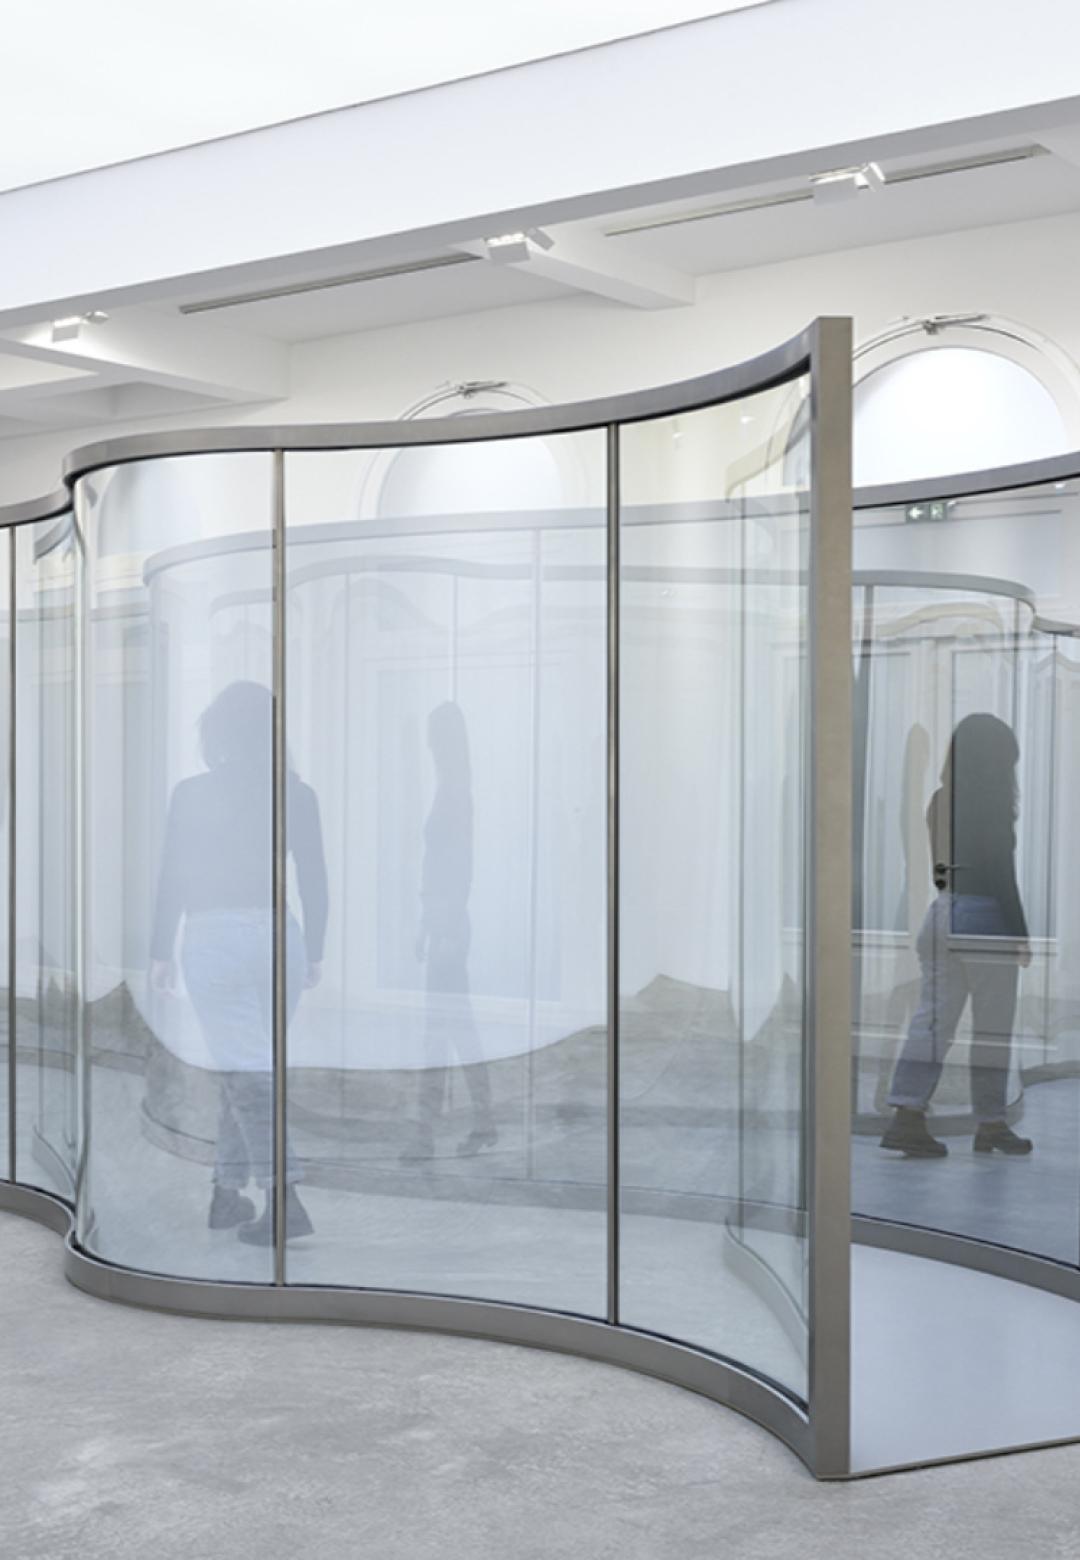 Dan Graham's latest work Neo-Baroque Walkway | Dan Graham | STIRworld